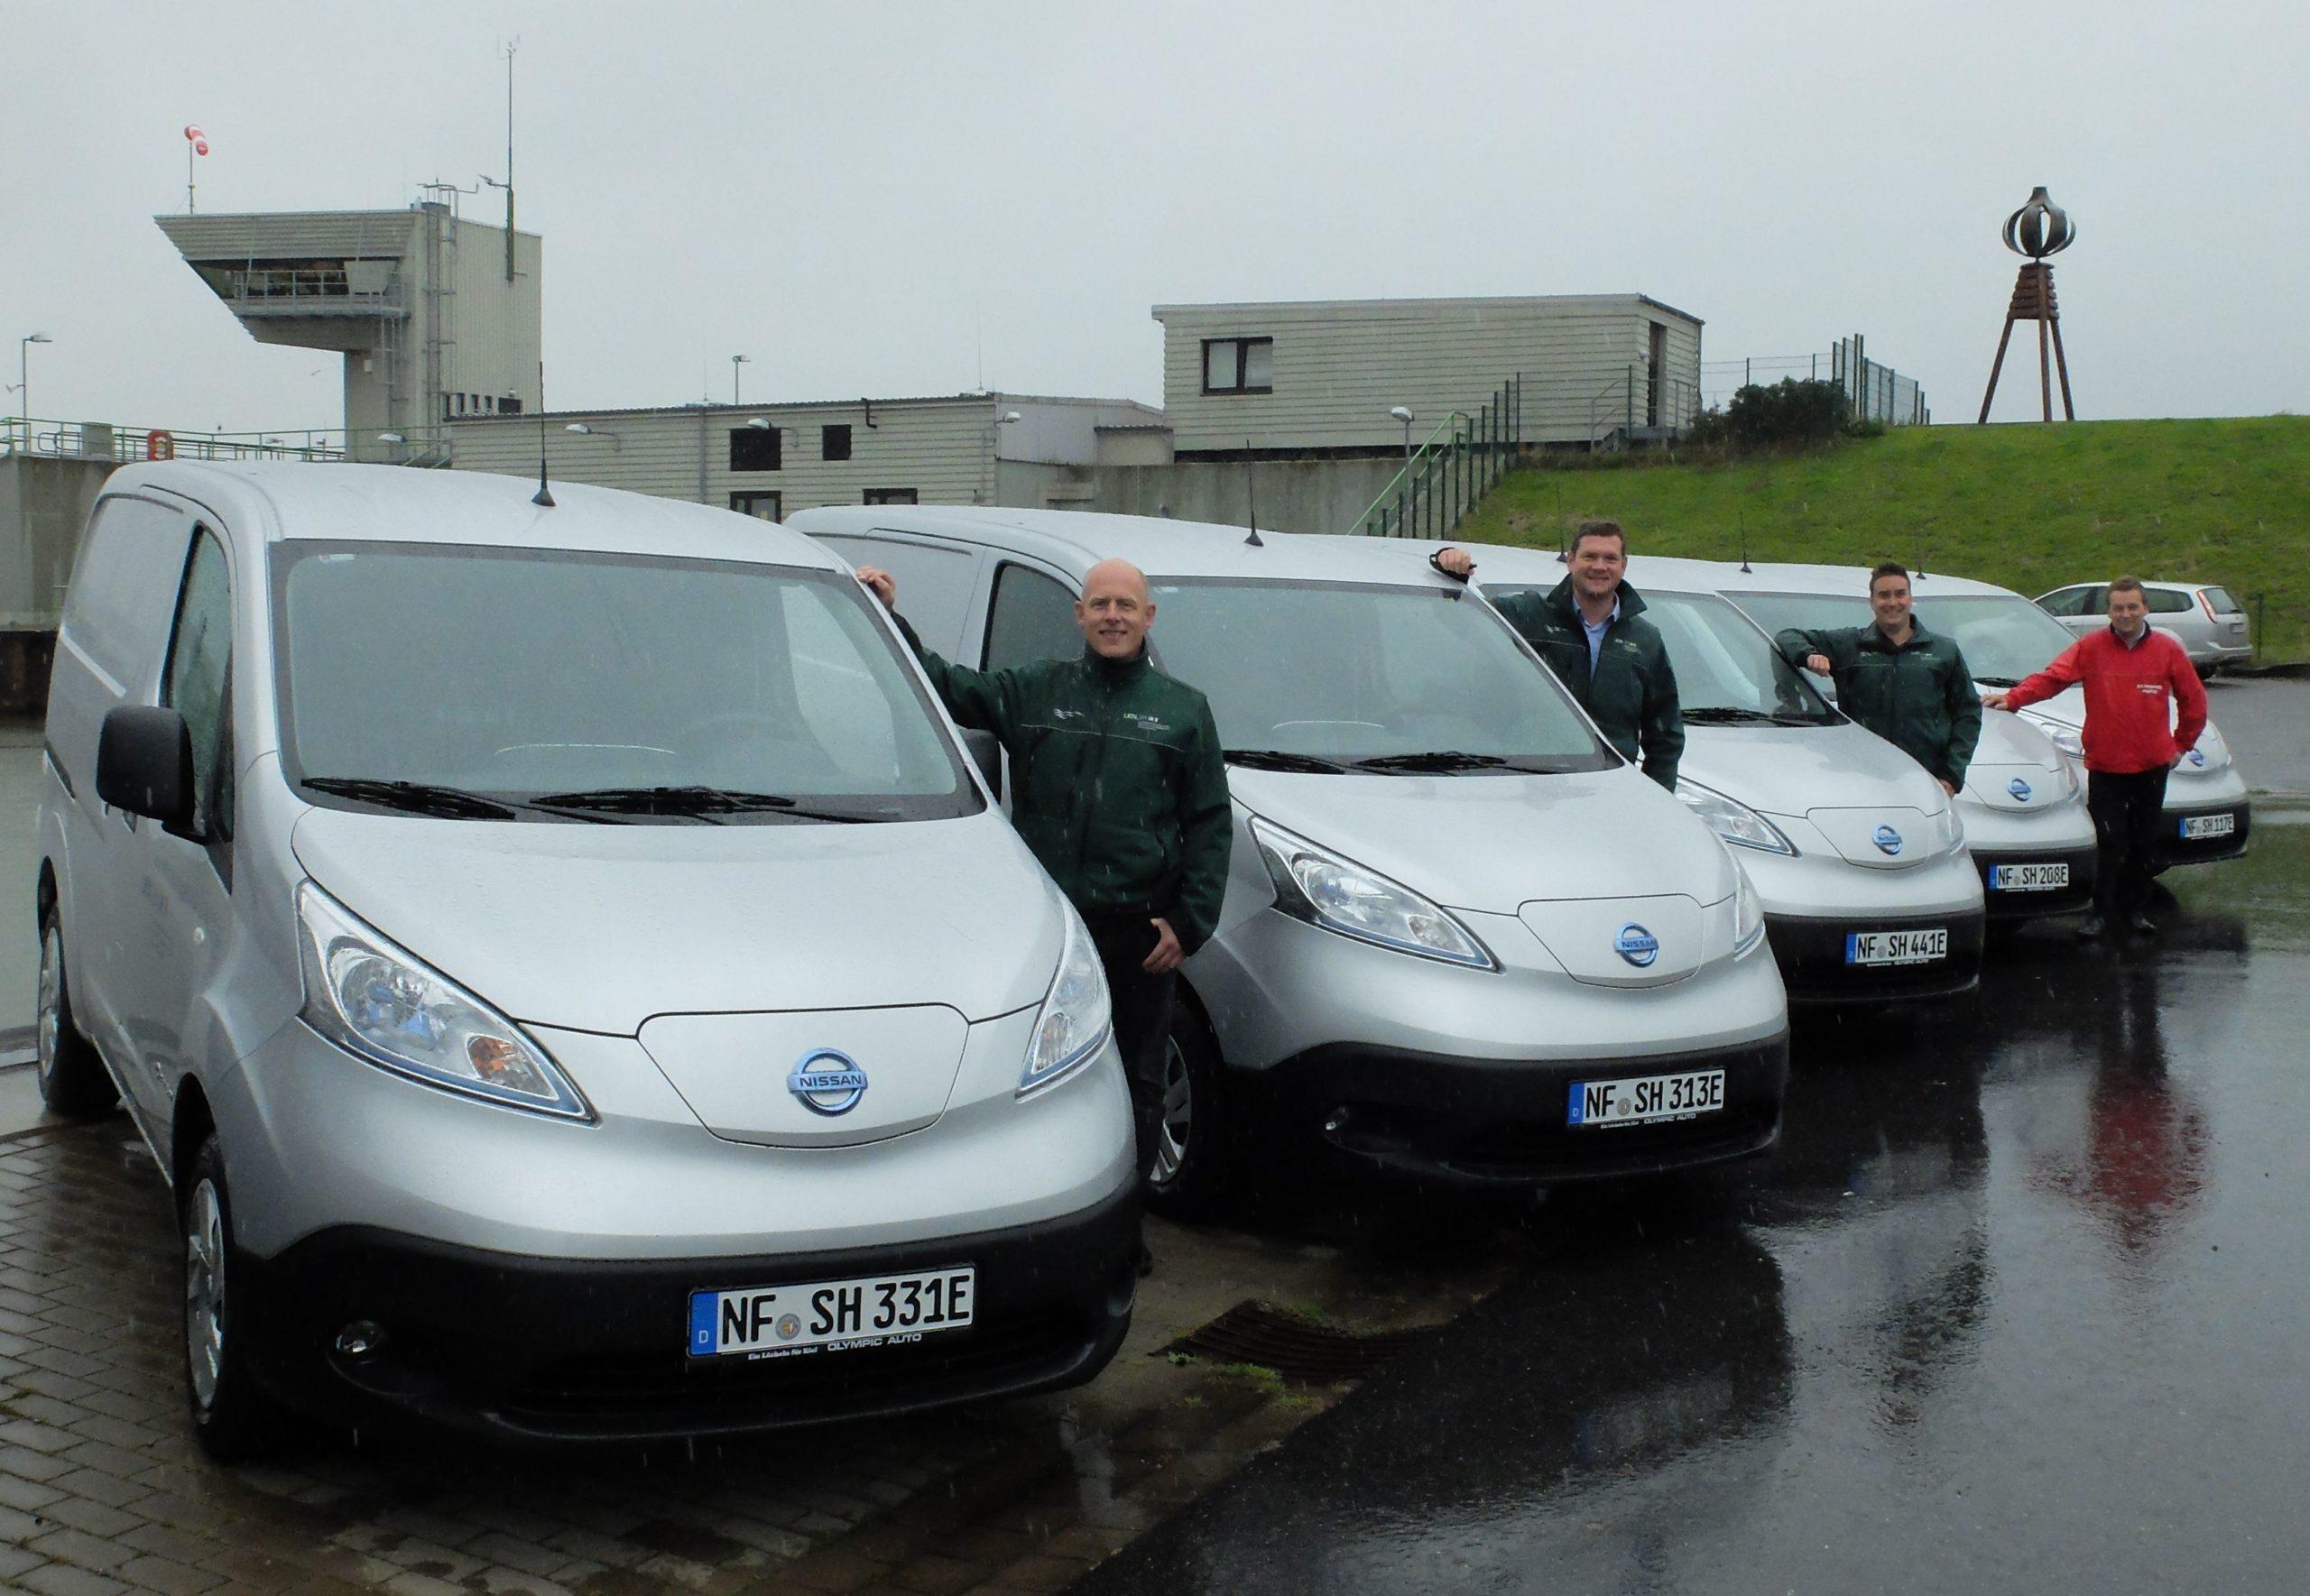 Sie zeigen von links nach rechts die LKN-Mitarbeiter Stefan Lemke, Gunnar Görrissen und Fabian Lücht sowie Marius Klemp-Jonton von der Firma Olympic Auto.